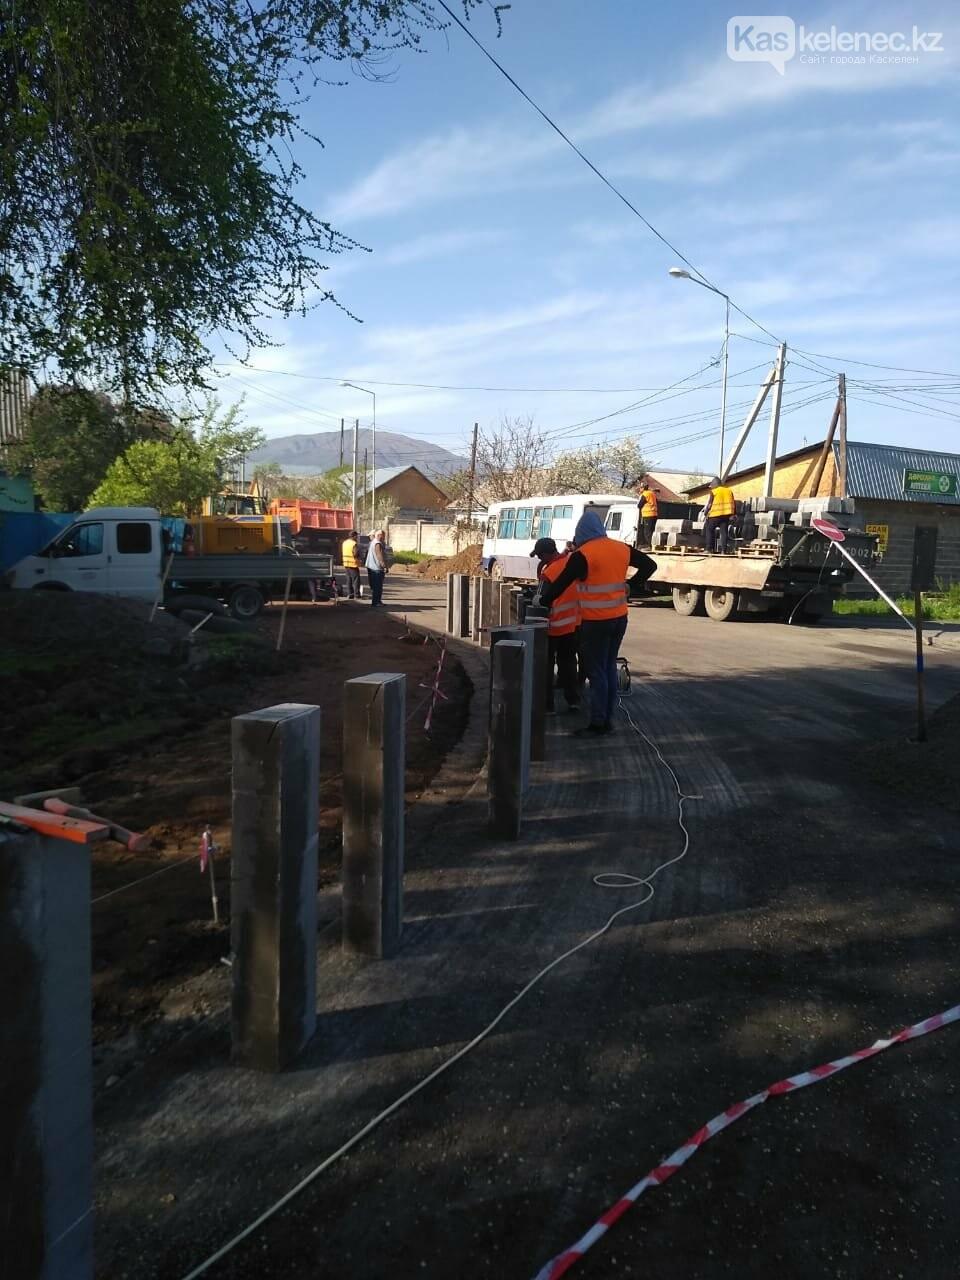 Одну из центральных улиц Каскелена перекрыли на несколько месяцев, фото-1